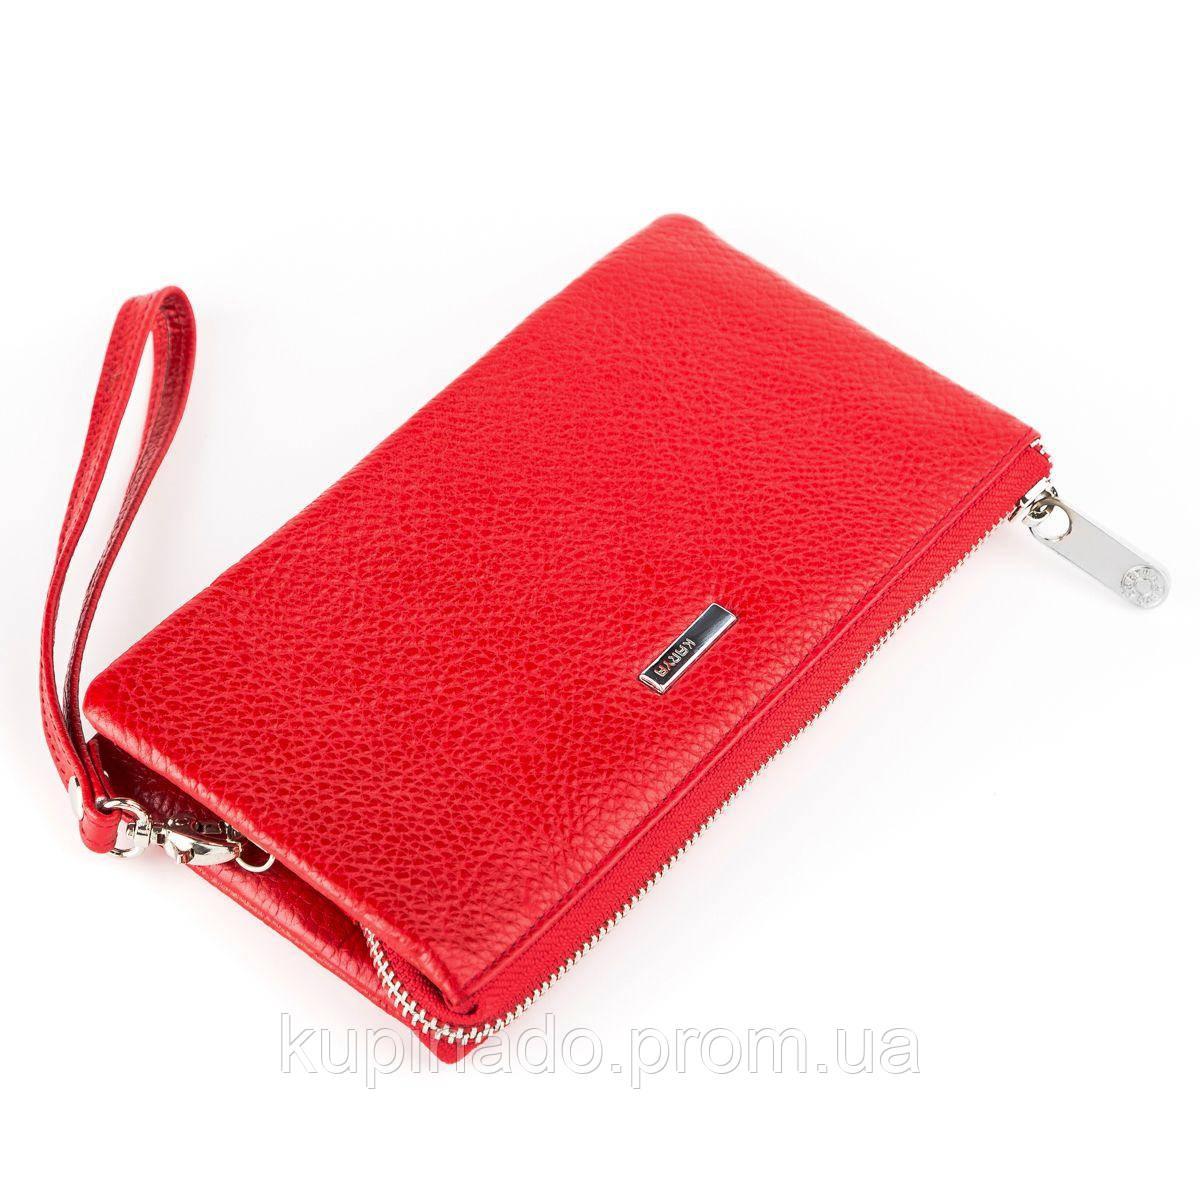 Кошелек женский KARYA 17007 кожаный Красный, Красный